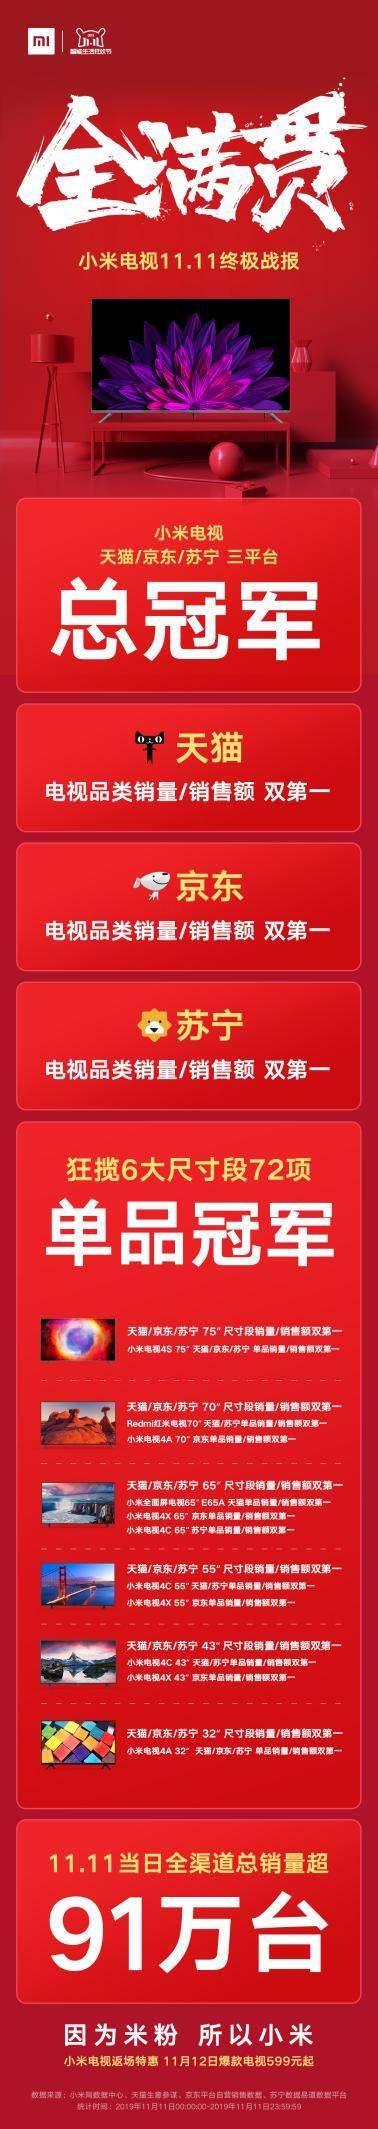 """小米电视双11蝉联""""全满贯""""战绩:狂揽三大平台72项冠军-视听圈"""